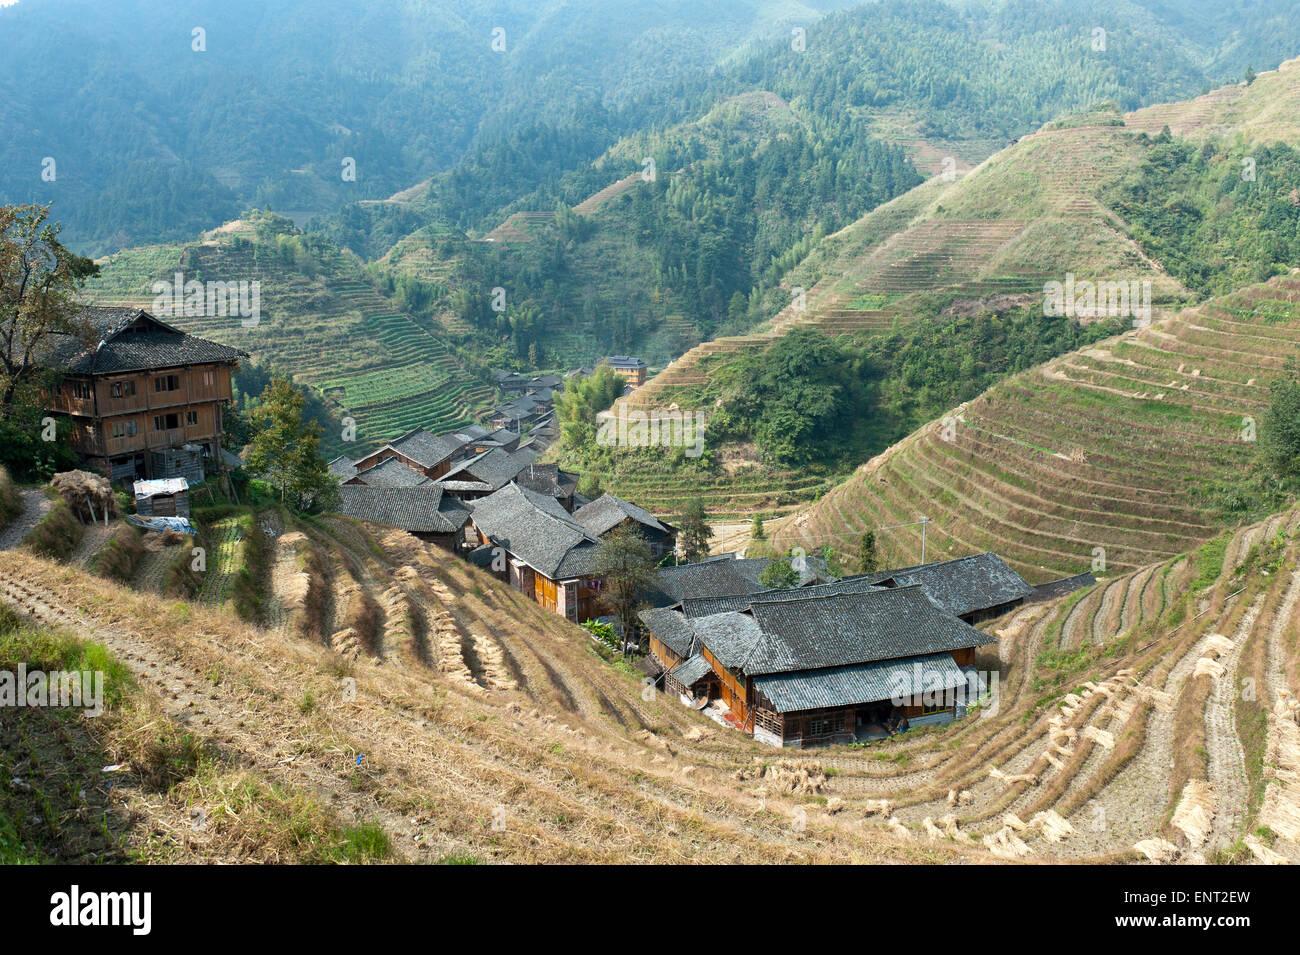 Longsheng rice terraces, Zhongliu village, Ping'an, near Guilin, Guangxi Autonomous Region, China - Stock Image